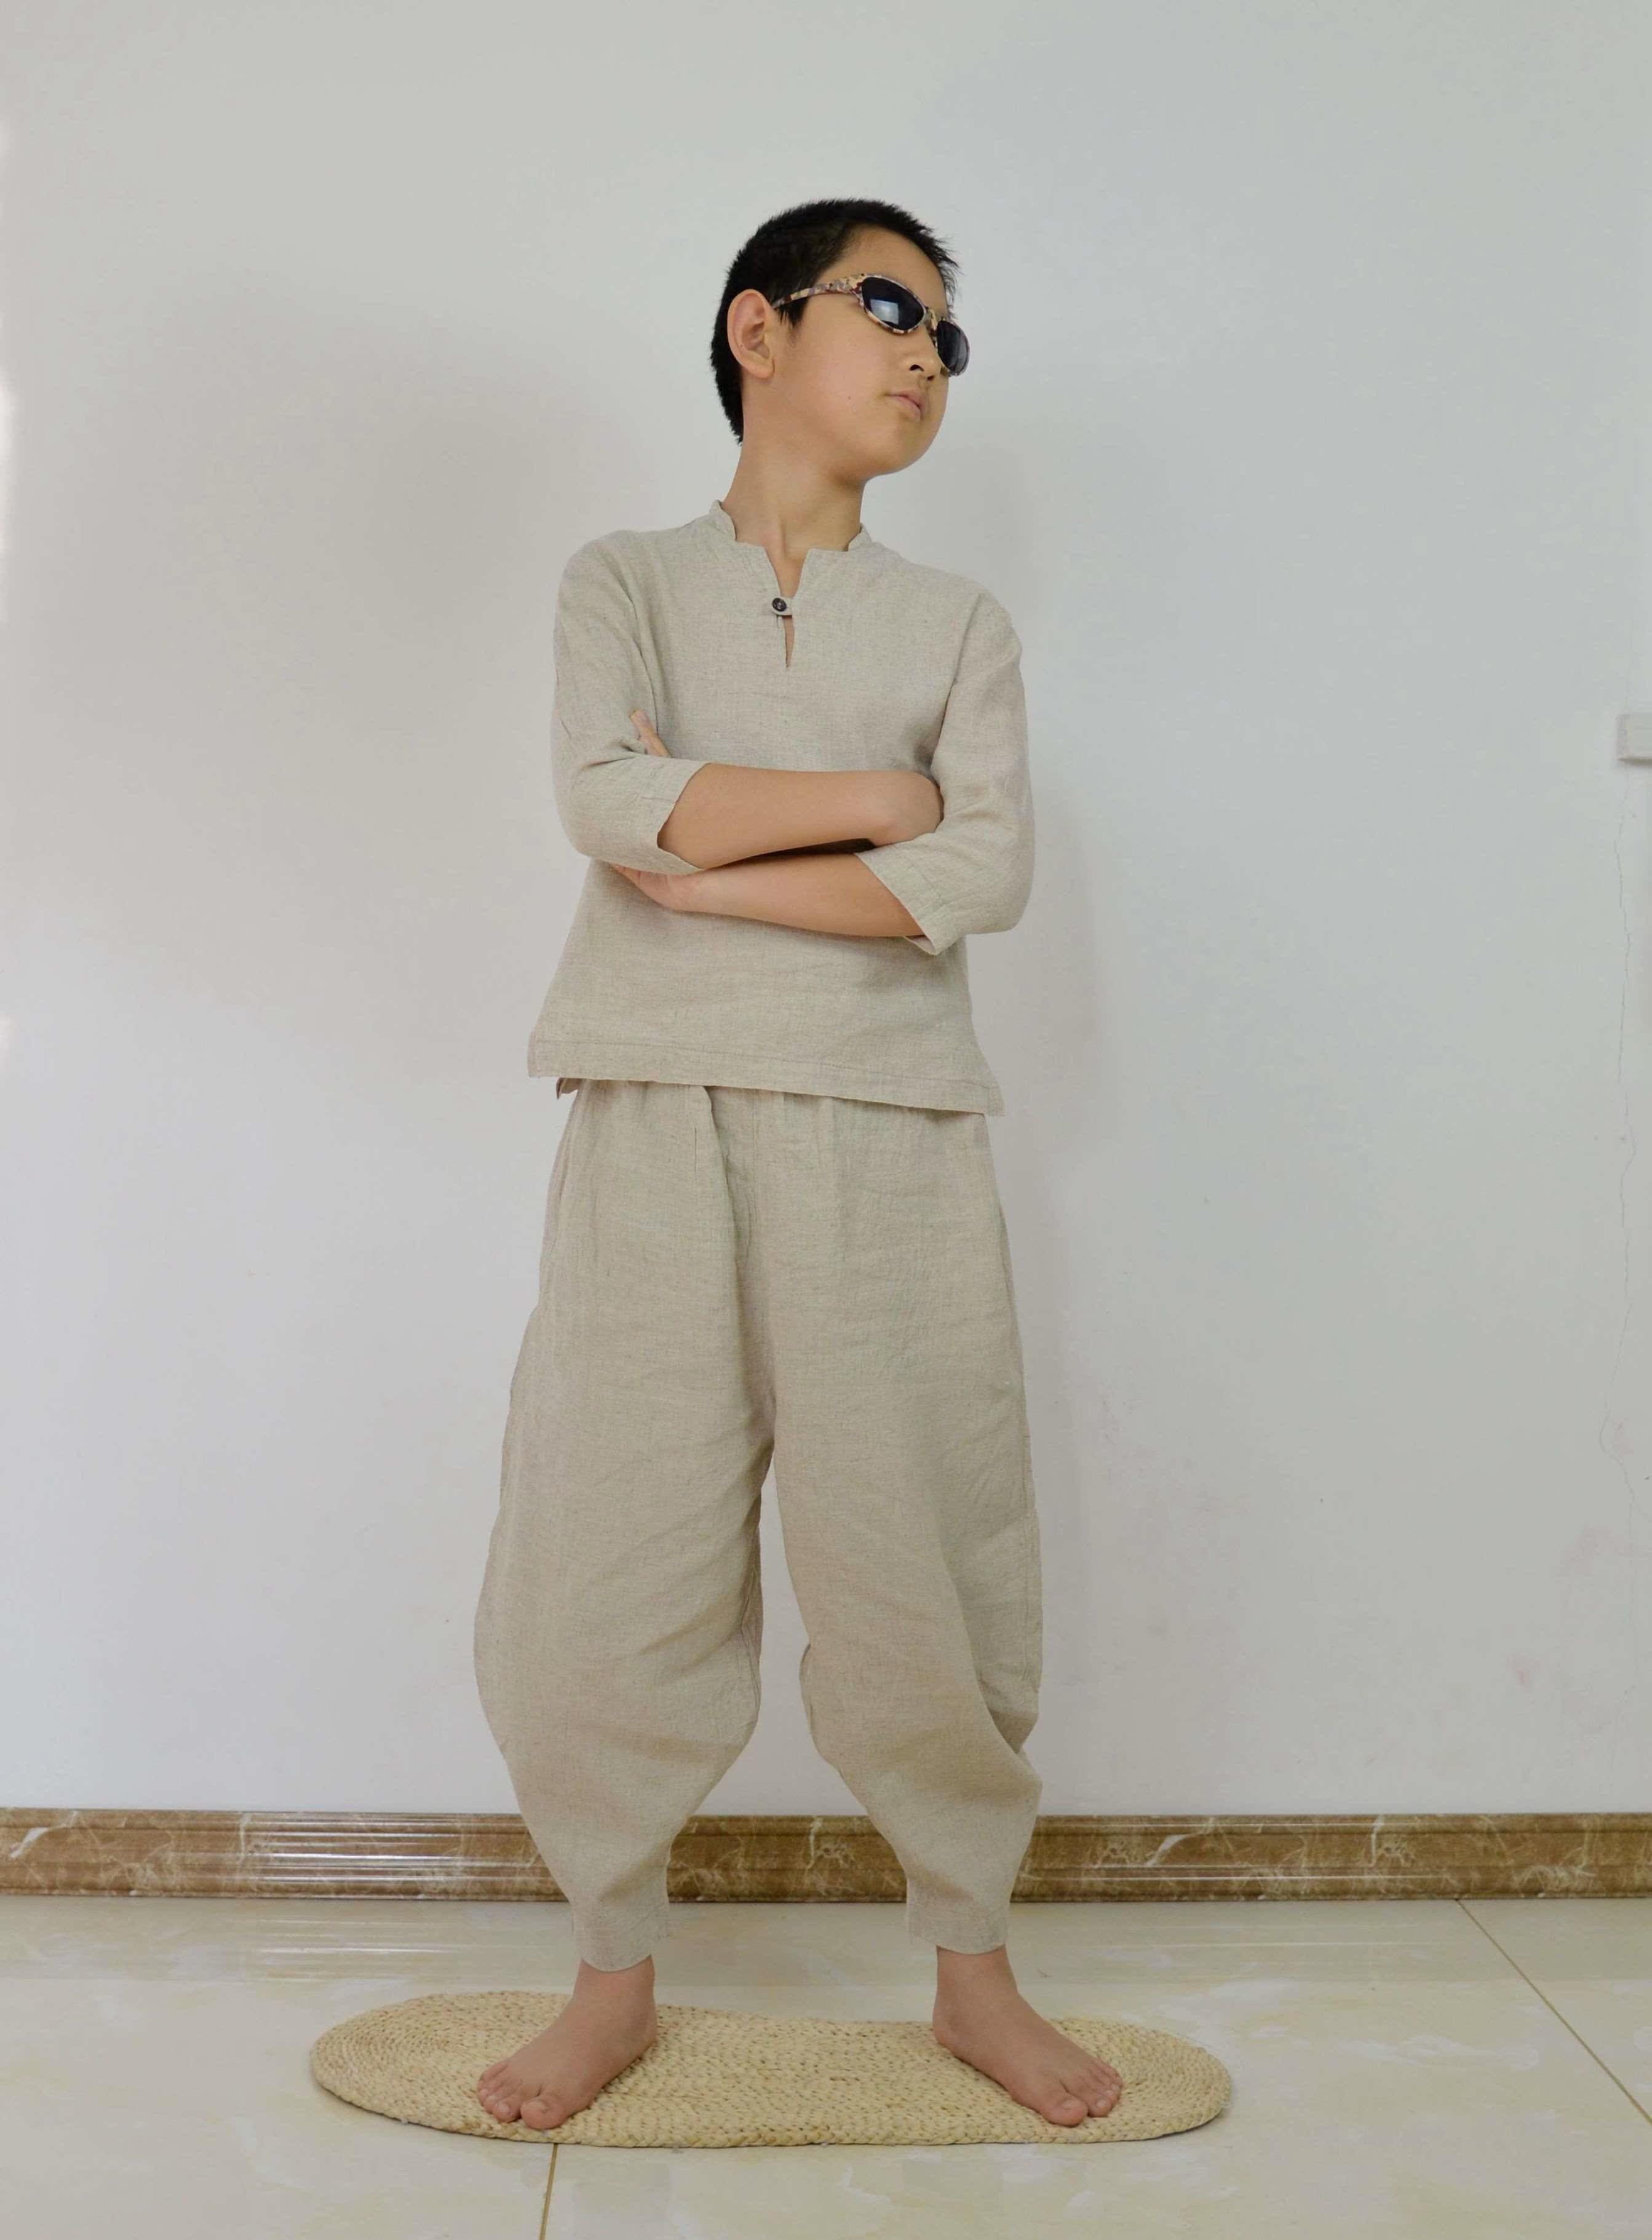 纯亚麻布儿童套件亲子时装时尚禅修服饰改良汉服包邮亲子亚麻服